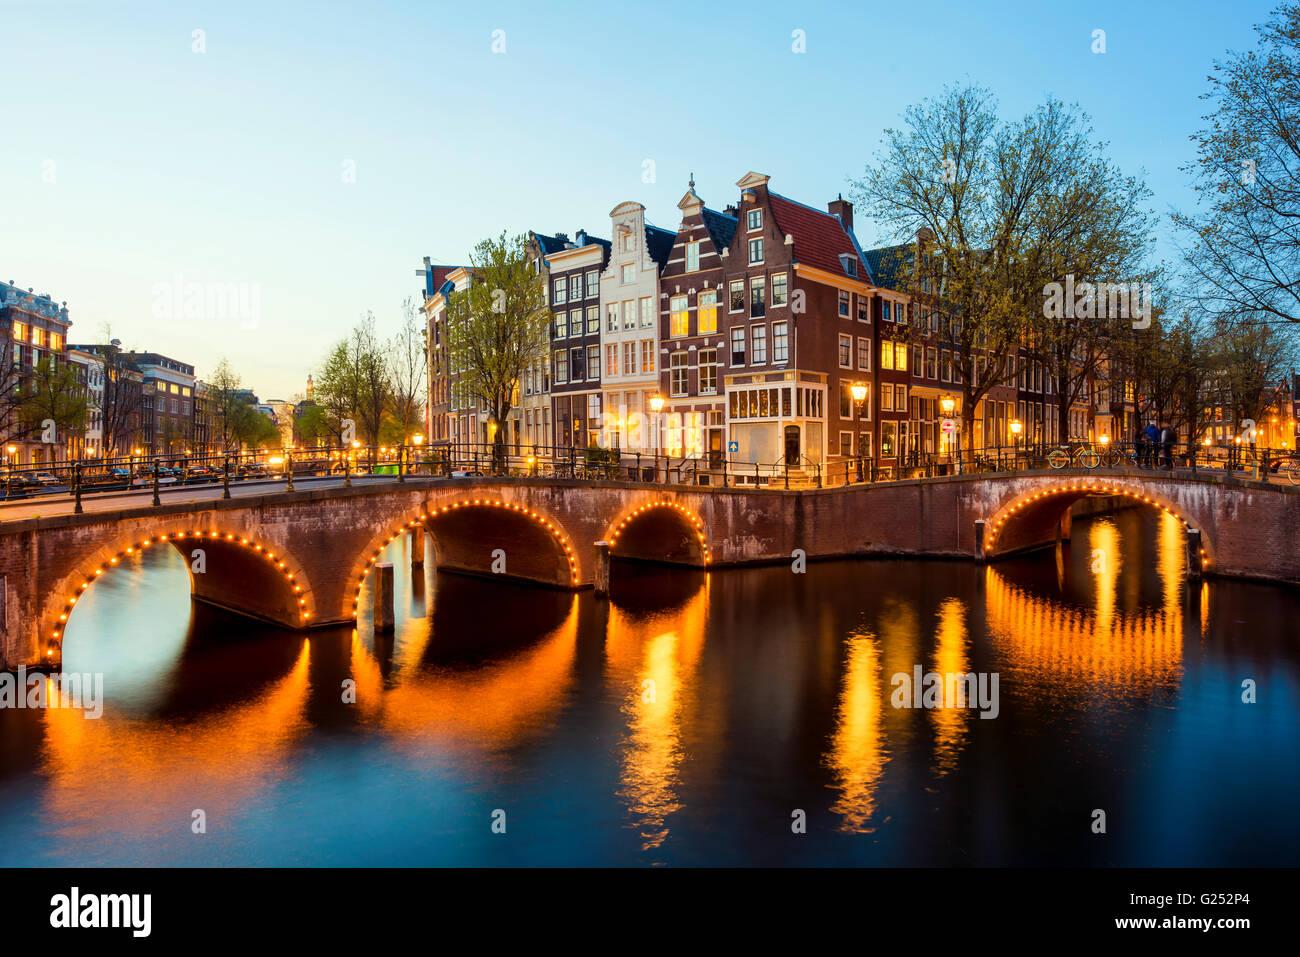 Vue magnifique sur les maisons d'Amsterdam dans la nuit, Pays-Bas Photo Stock